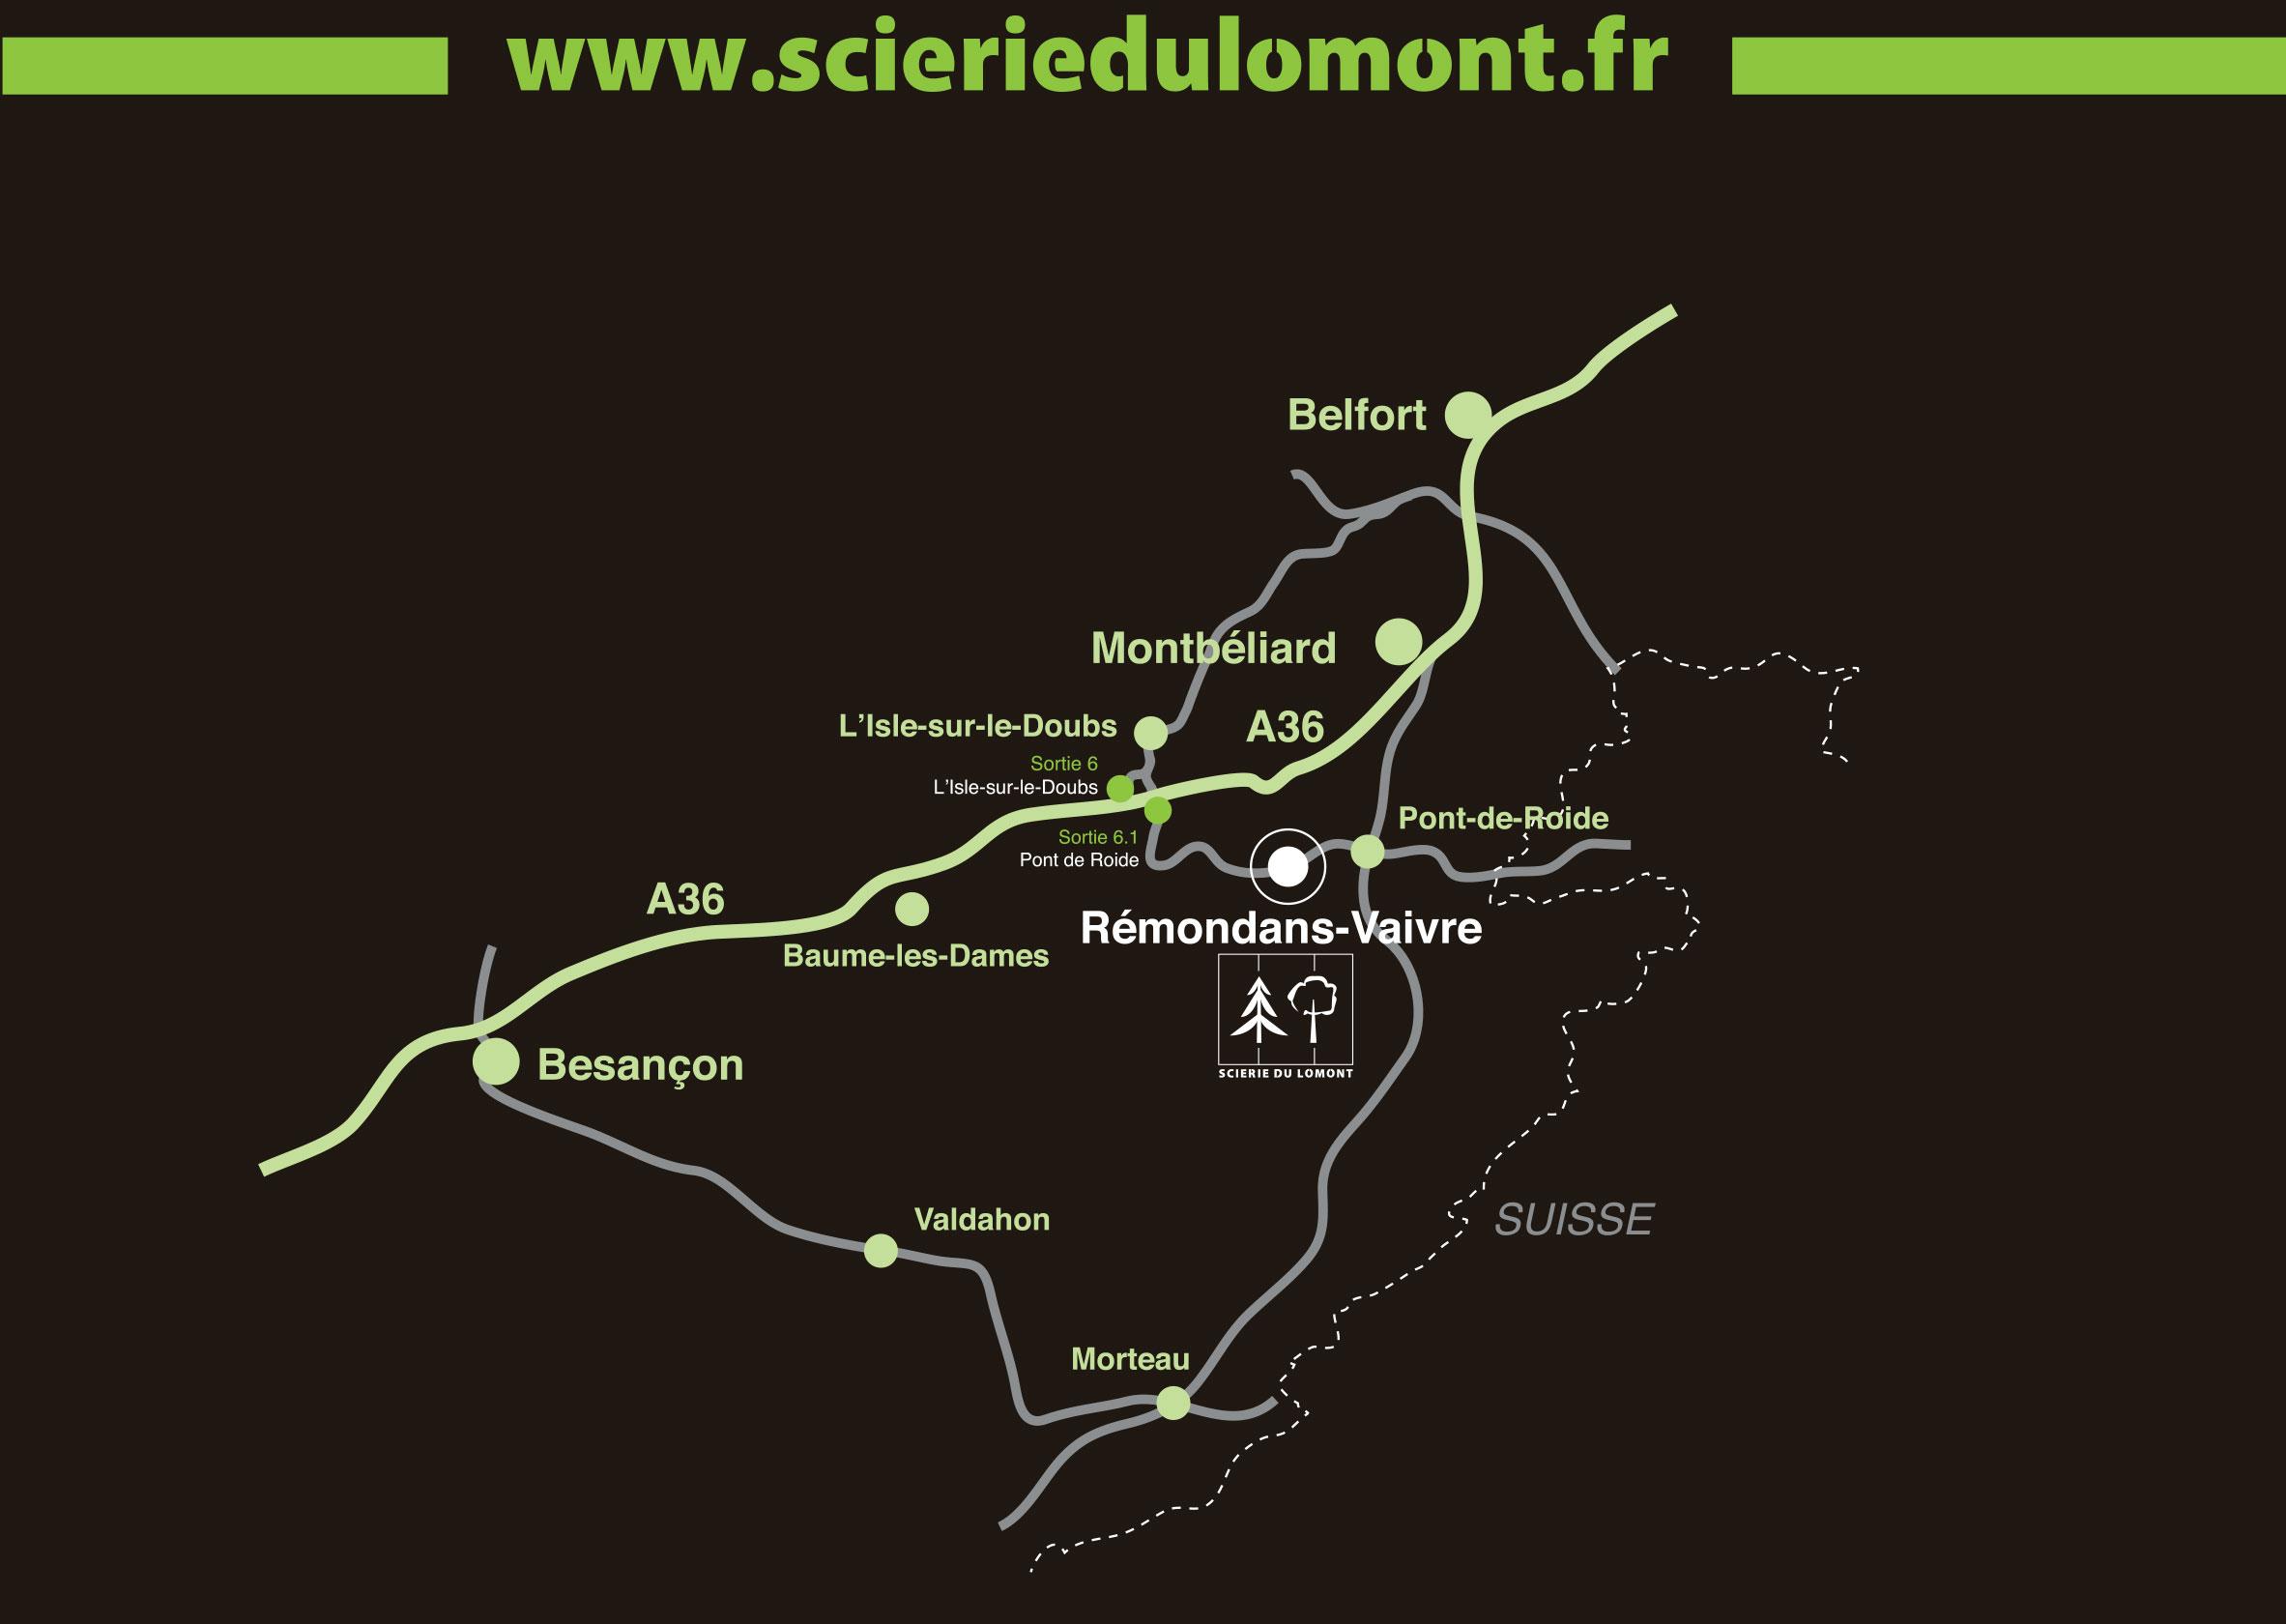 carte-scierie-lomont